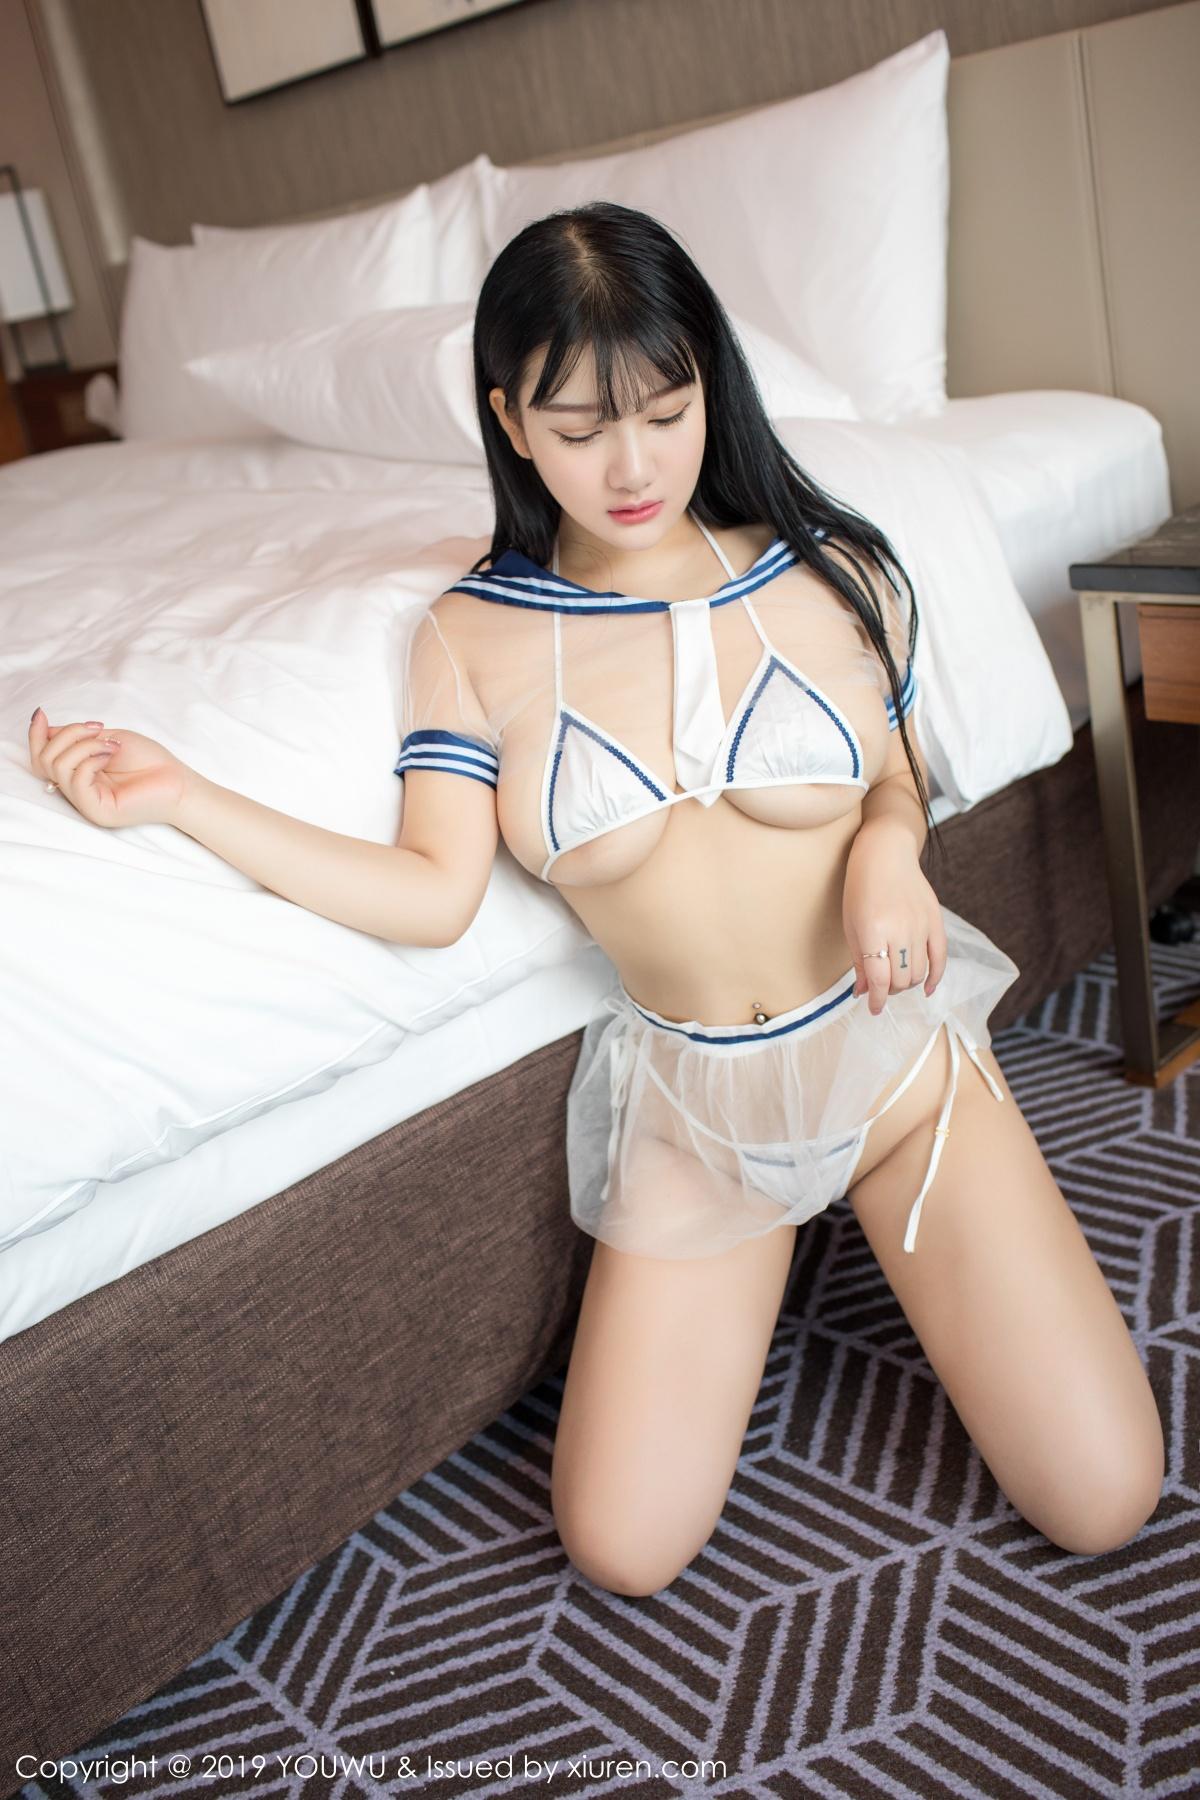 尤物馆 [YouWu] 2019.01.24 VOL.134 小尤奈